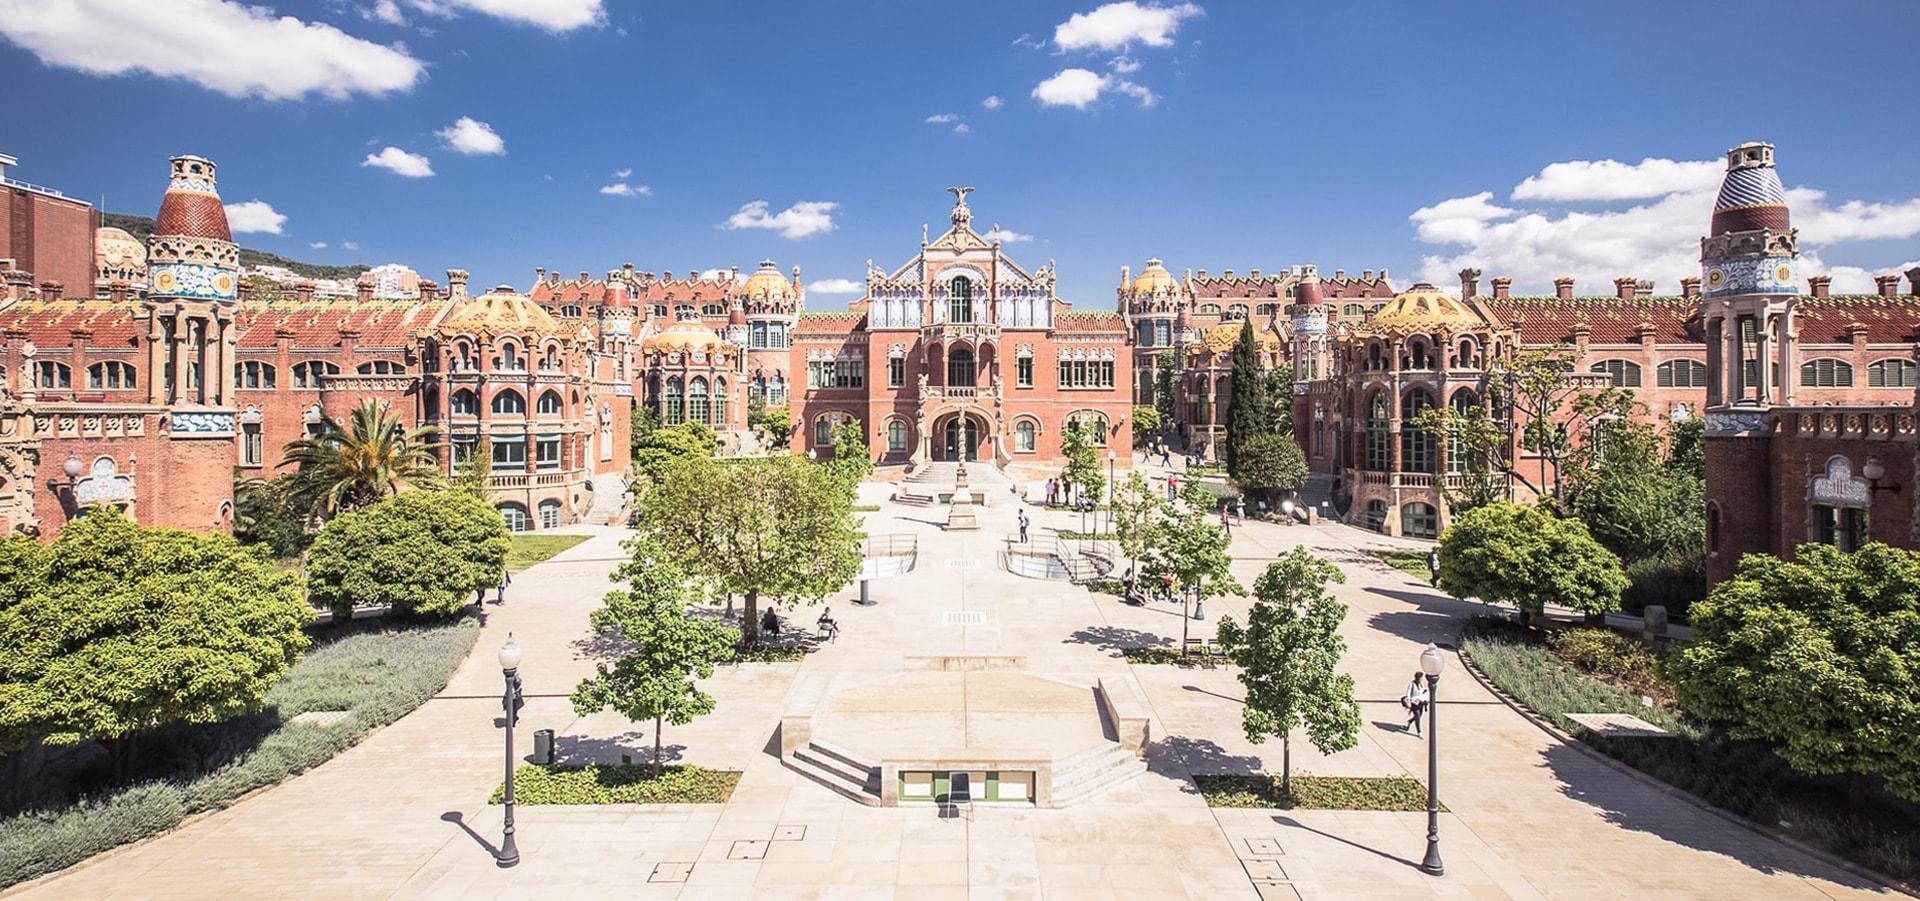 Intérieur de l'enceinte Moderniste de l'Hopital Sant Pau à Barcelone